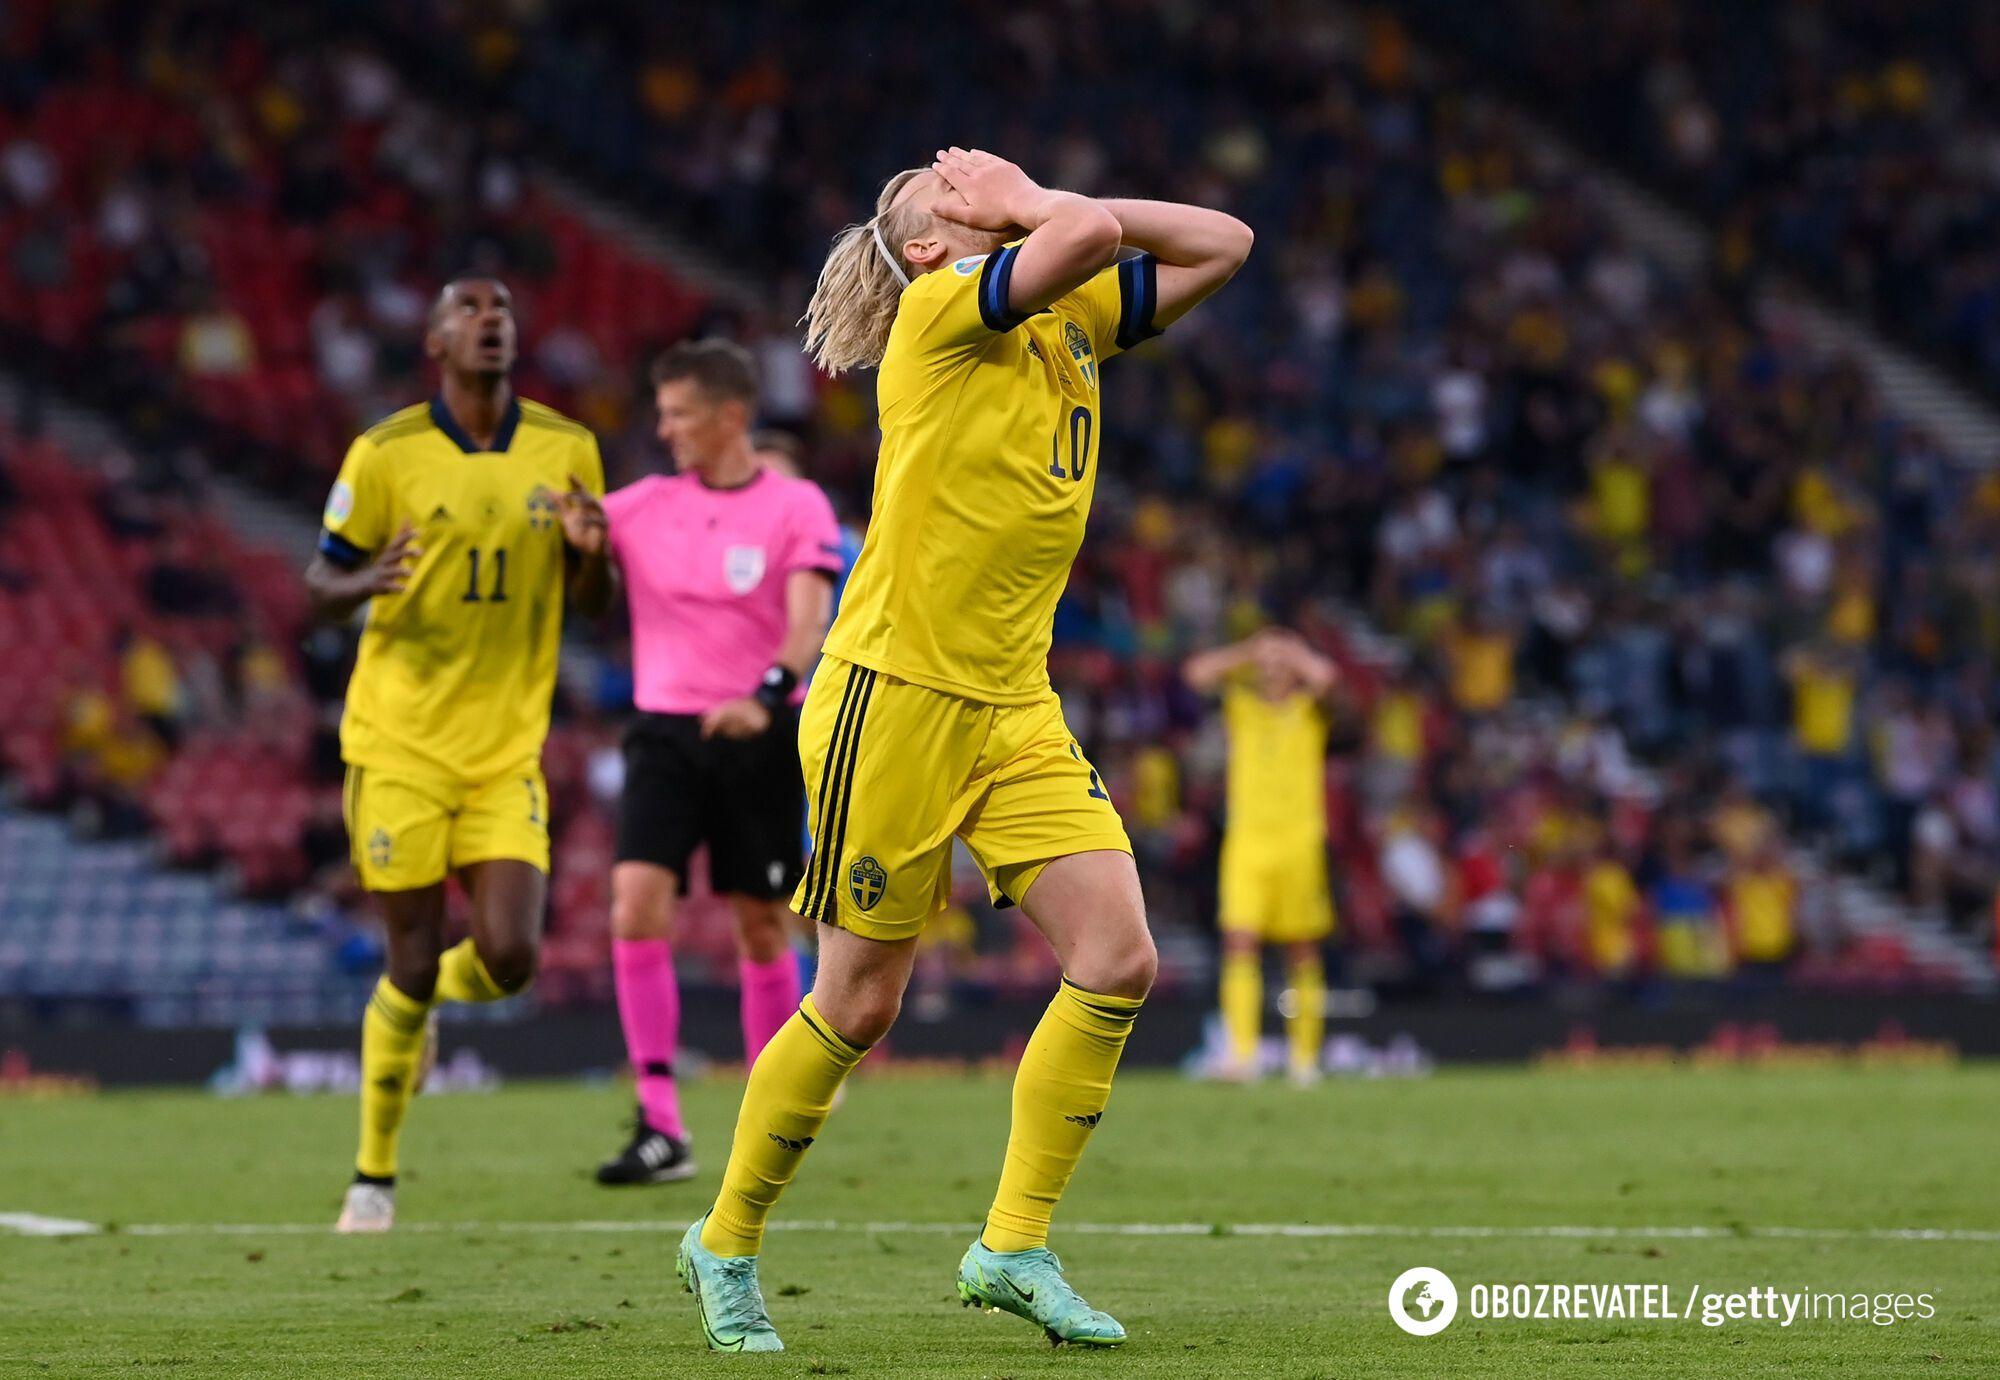 Шведи дуже засмучені поразкою від України.